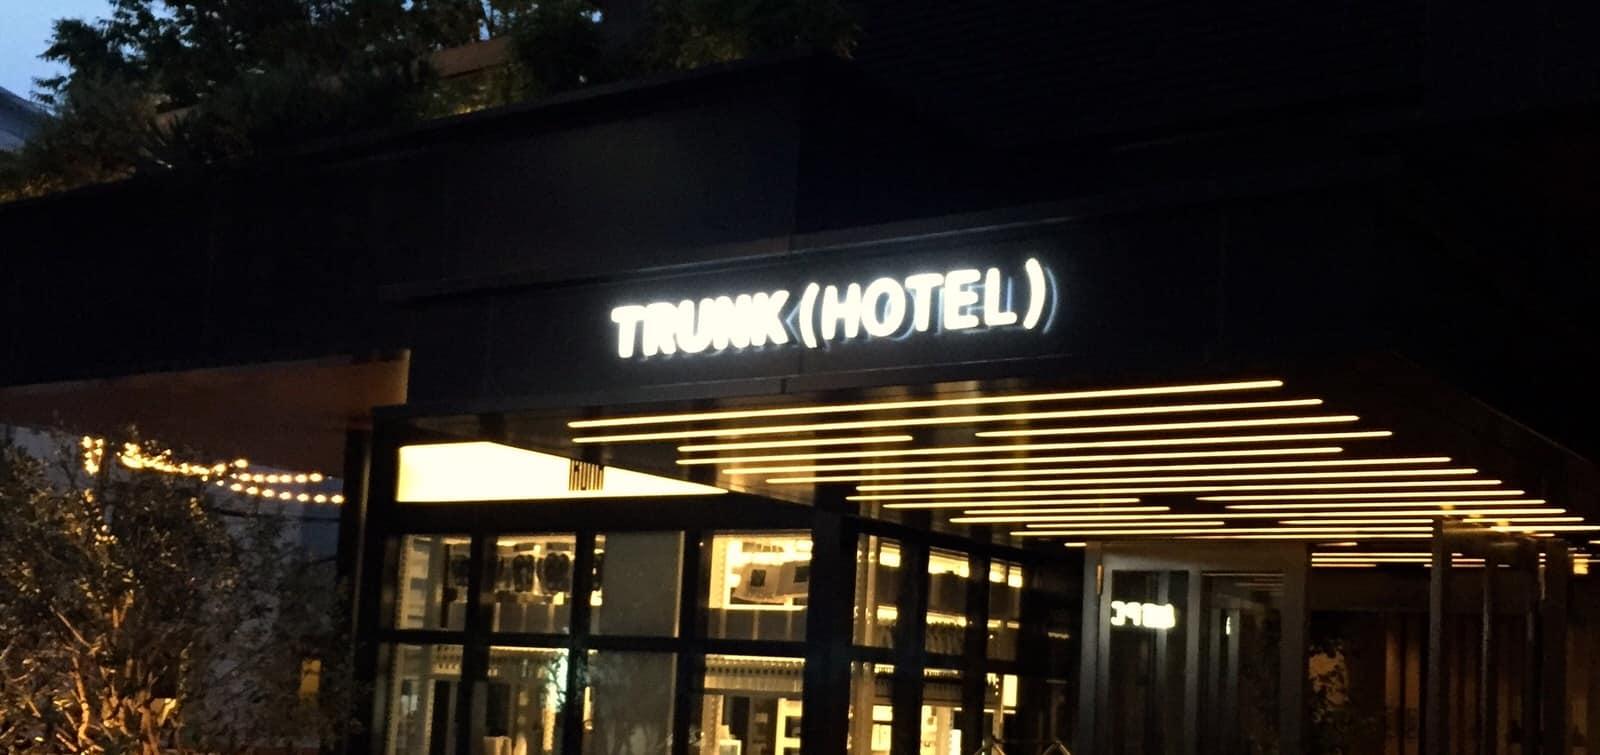 渋谷に社会貢献をコンセプトにしたホテル「トランクホテル」ができたので見に行ってきた。